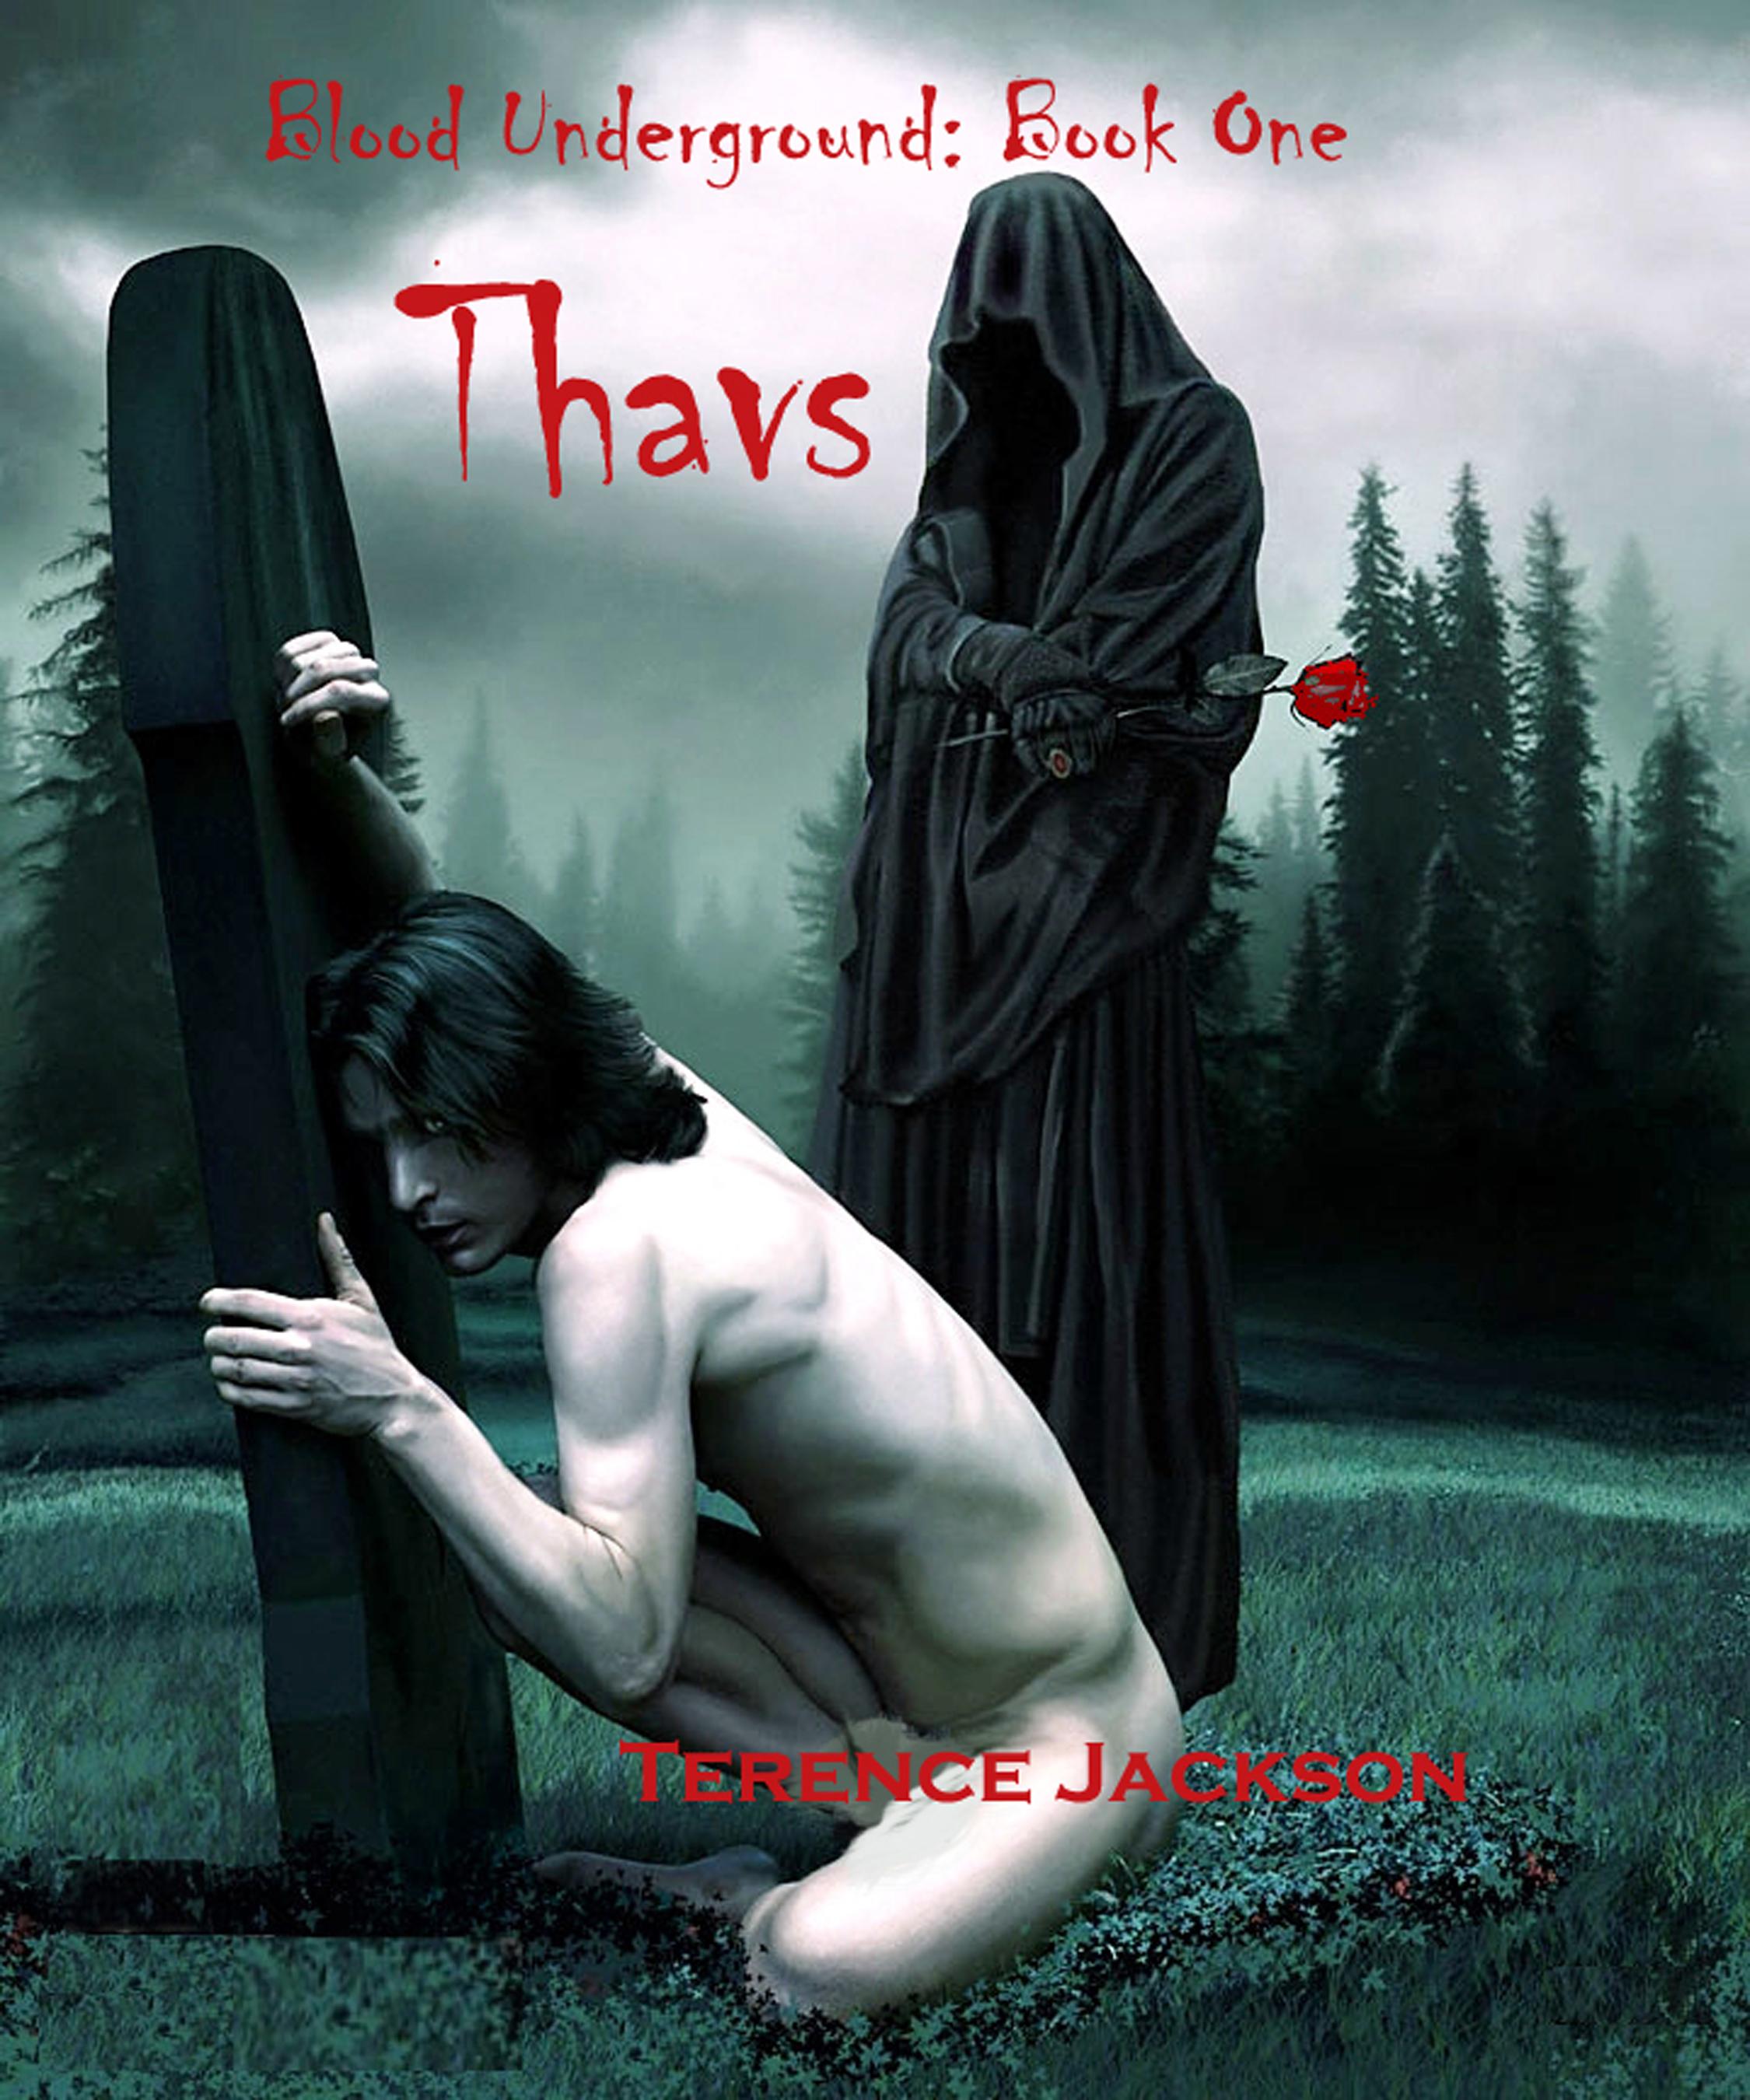 Blood Underground: Book One - Thavs